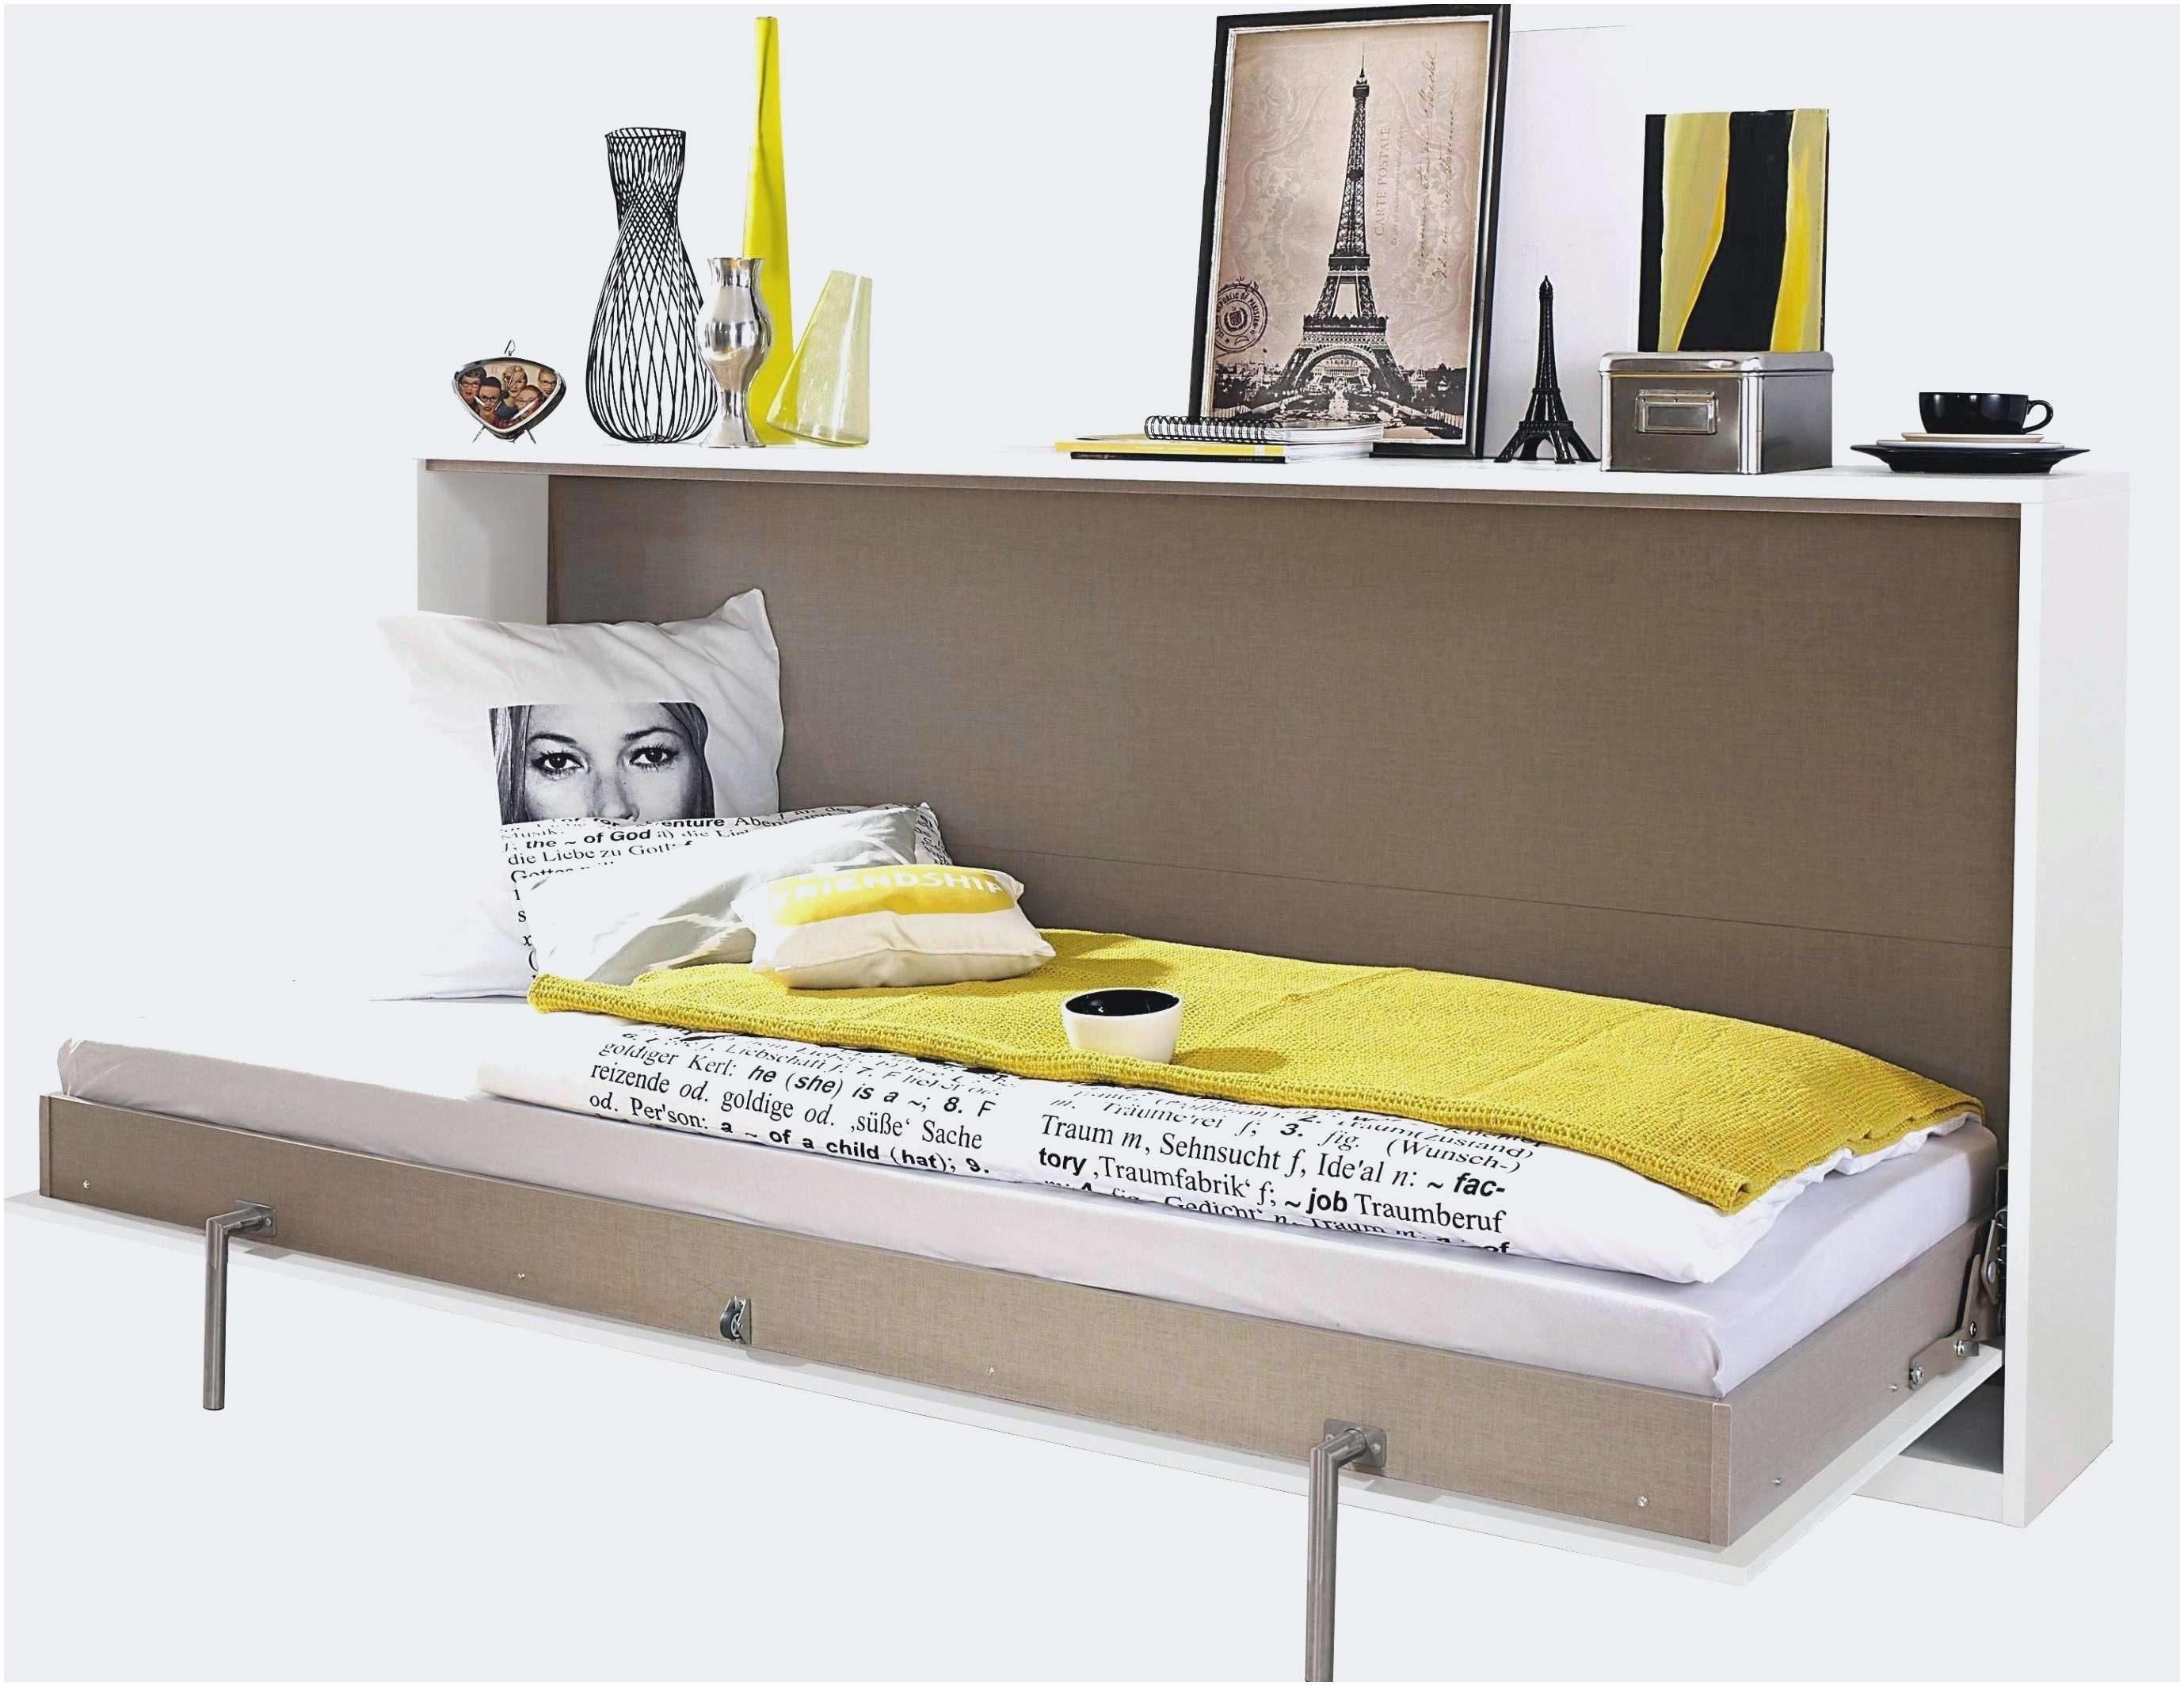 Lit Futon Pas Cher Frais Lit Futon Pas Cher Unique Impressionnant Futon Ikea Inspirierend